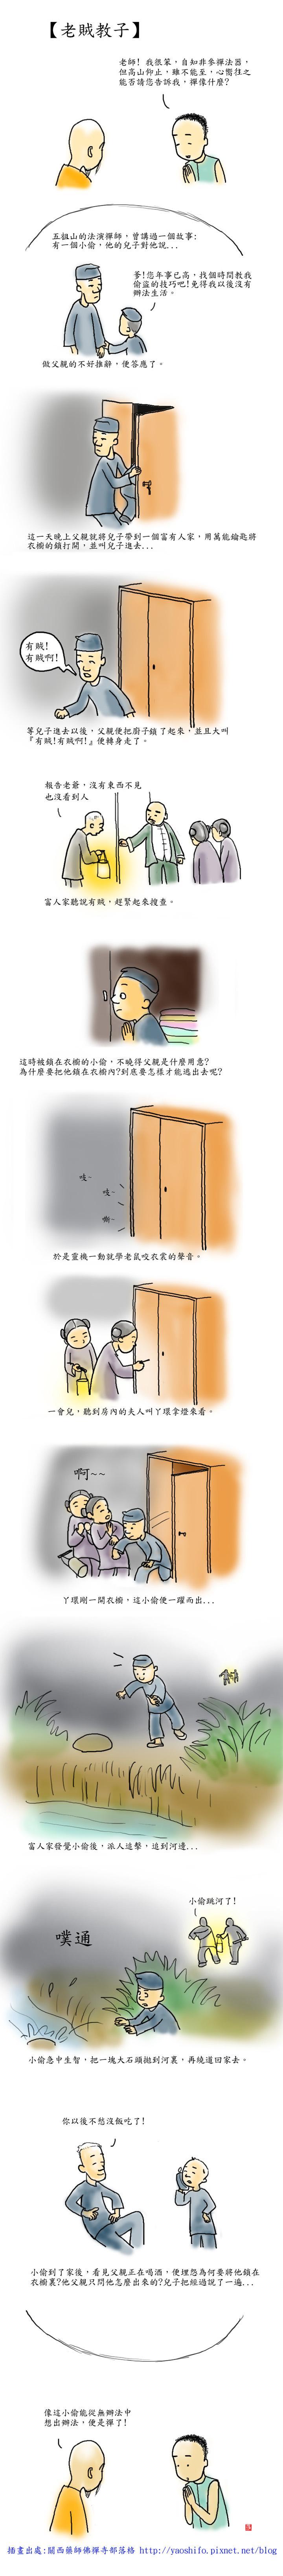 老賊教子_1.JPG